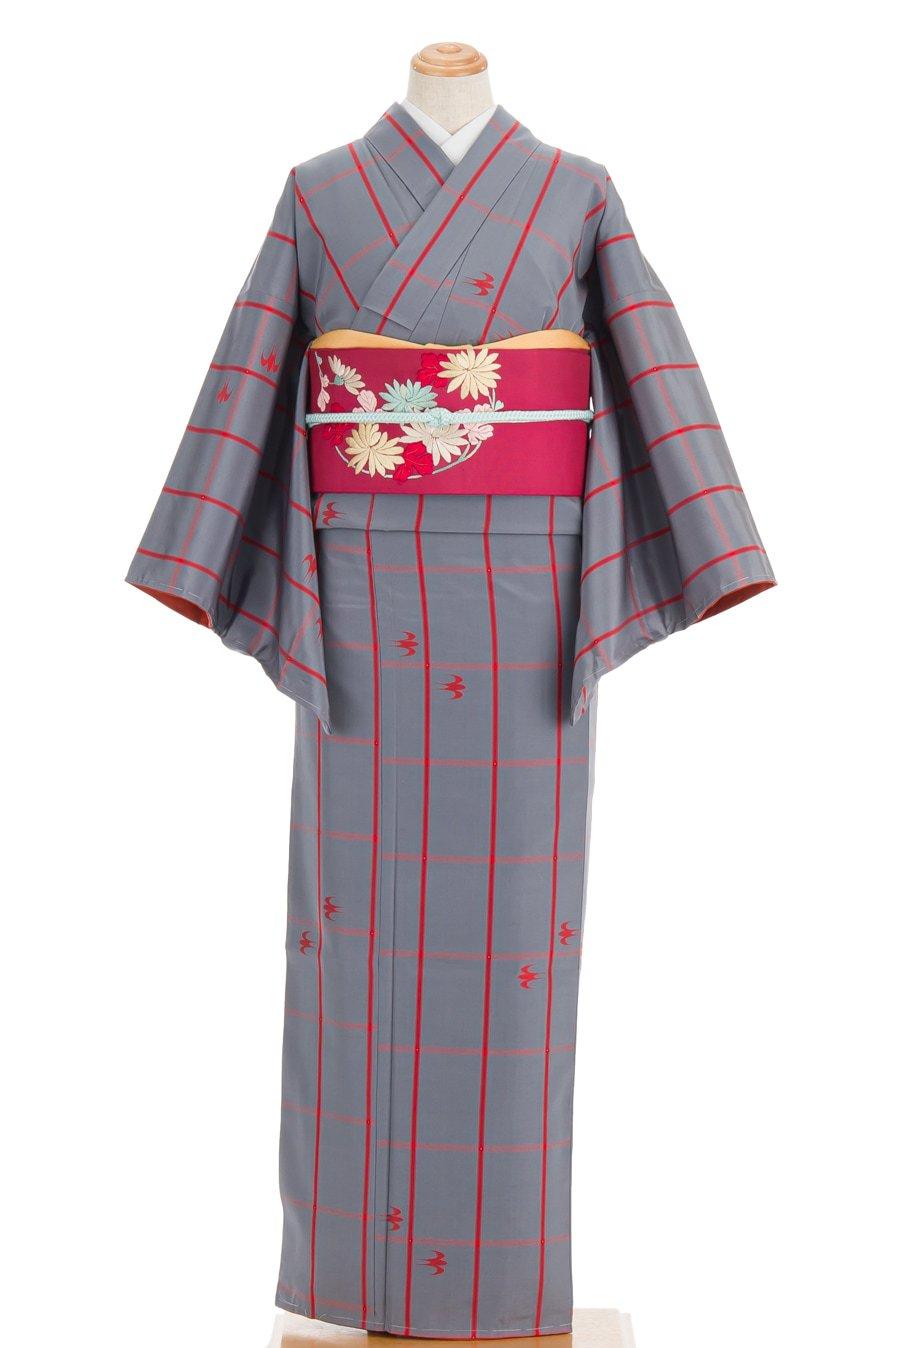 「紬 赤格子に絣の燕」の商品画像